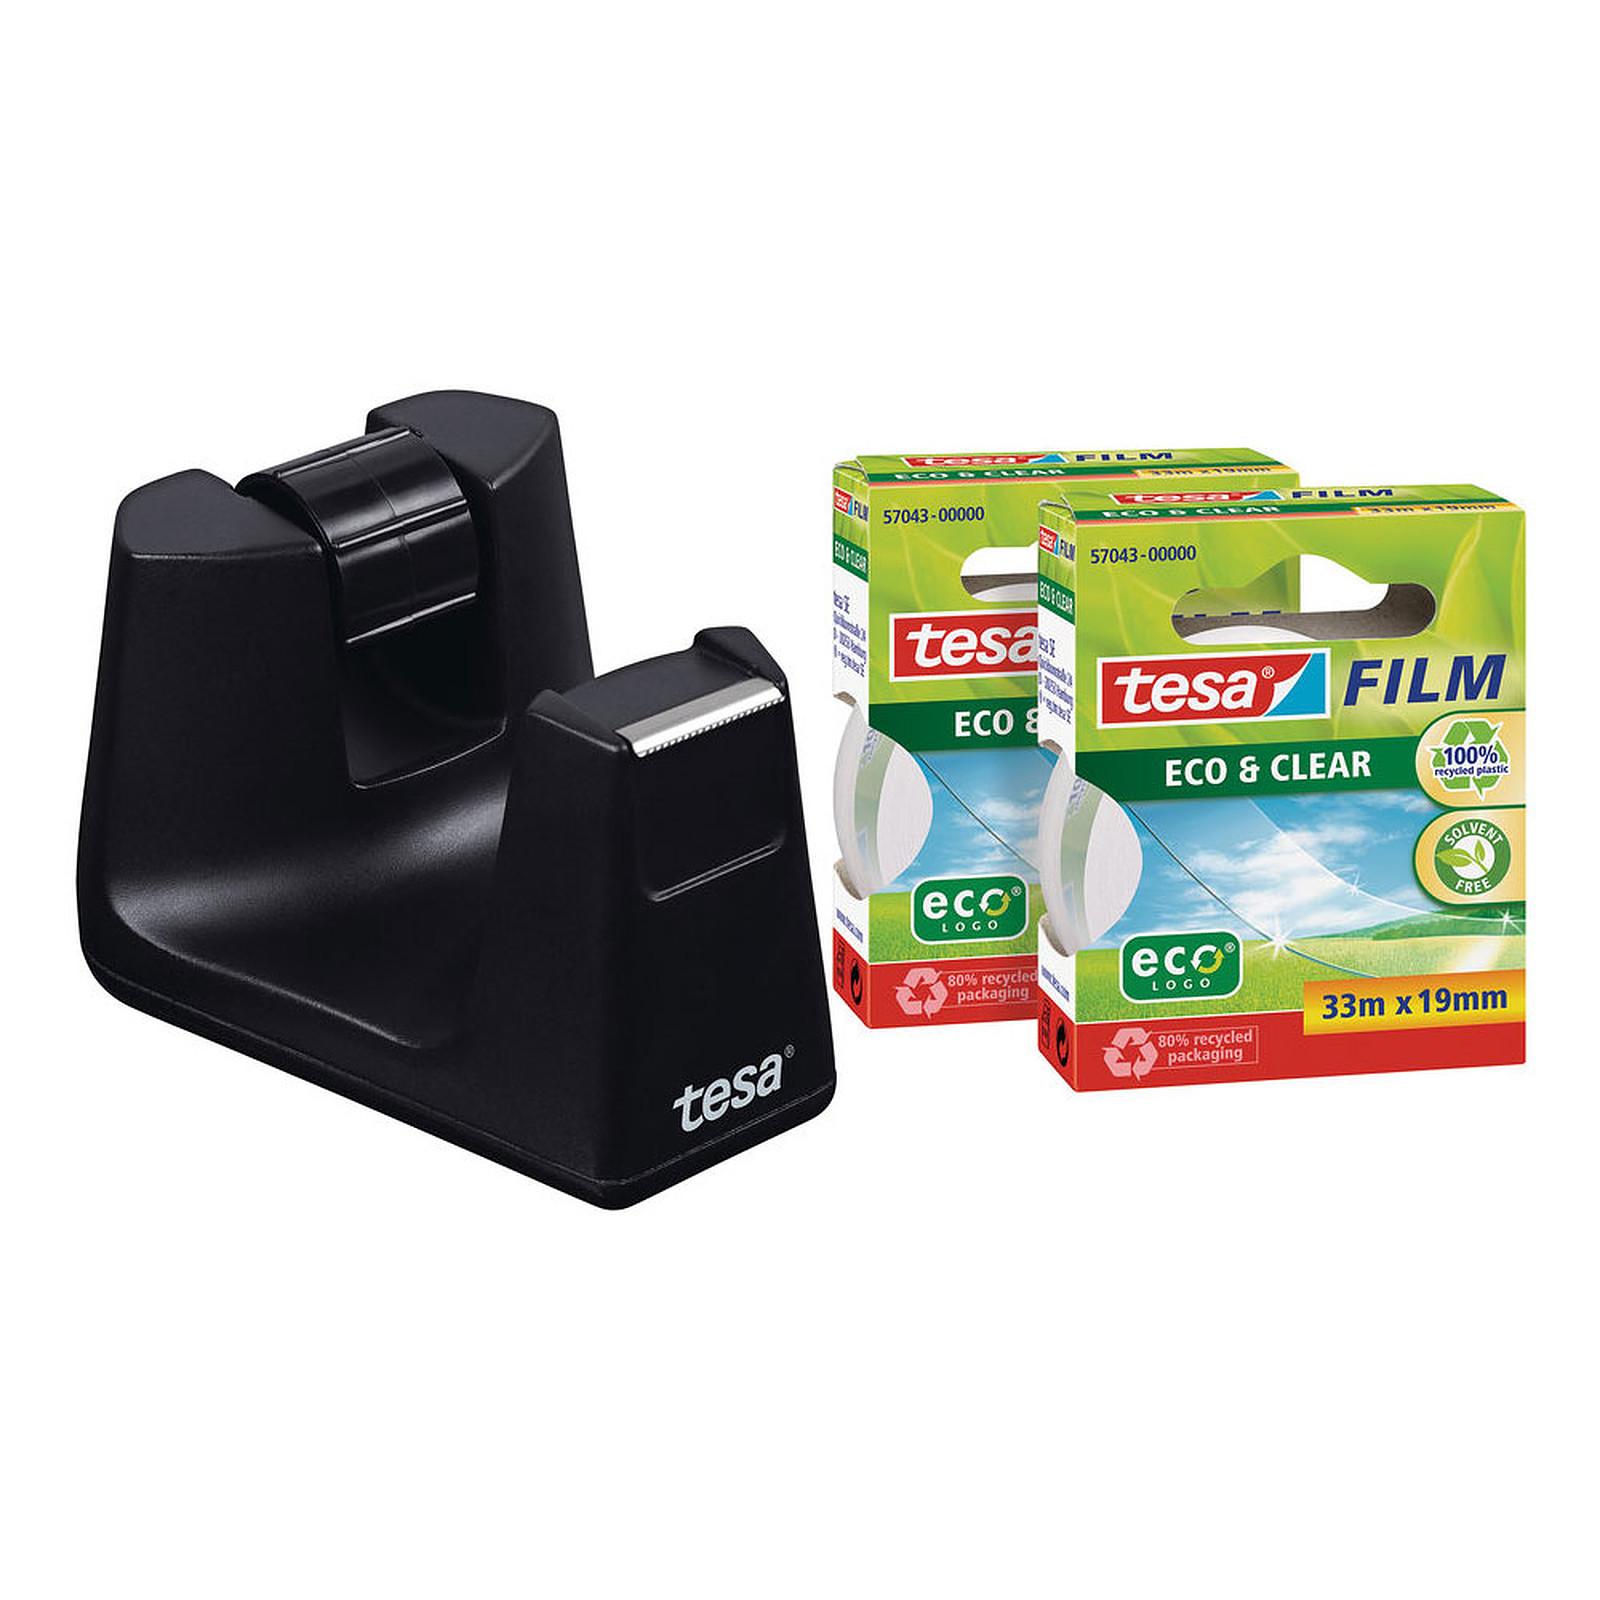 tesa Easy Cut Smart Noir + 2 rouleaux Eco & Clear